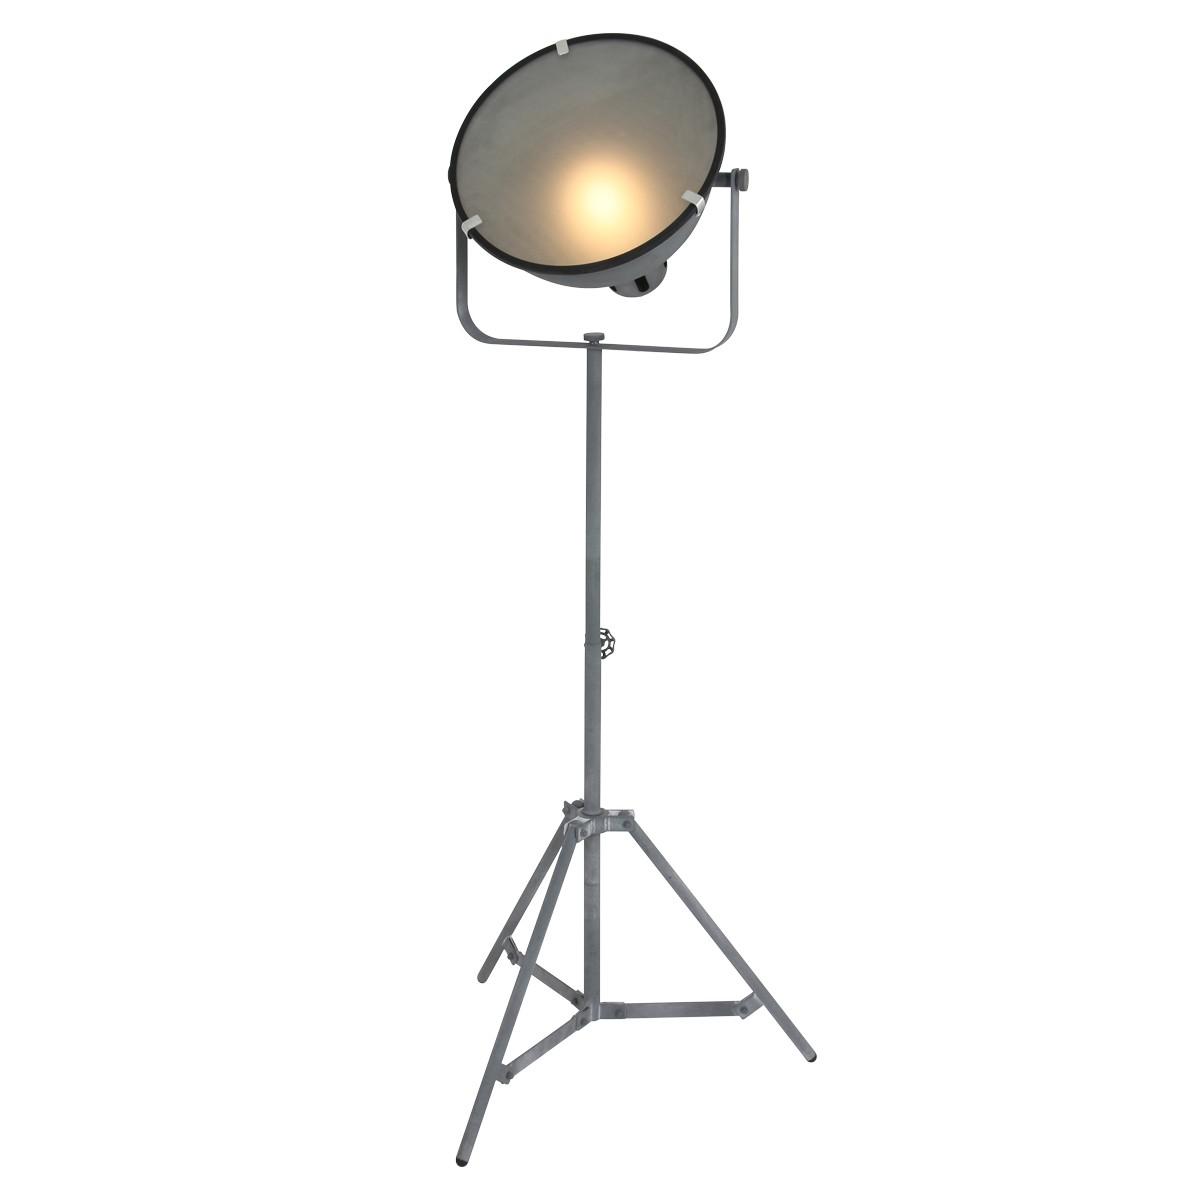 Vloerlamp_industrieel_betongrijs_2__big_image